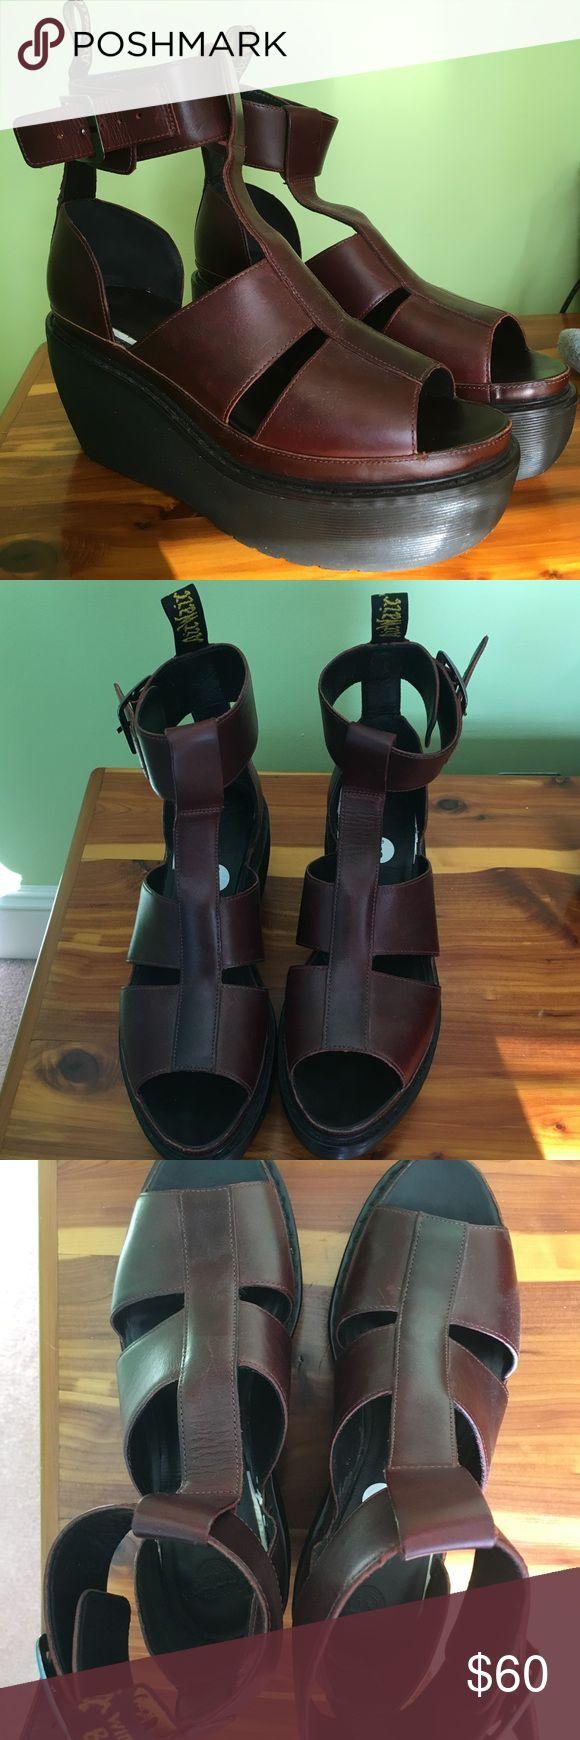 Doc Martin adaya platforms Open toed platform sandals with reddish brown leather. Lightly worn. Dr. Martens Shoes Platforms